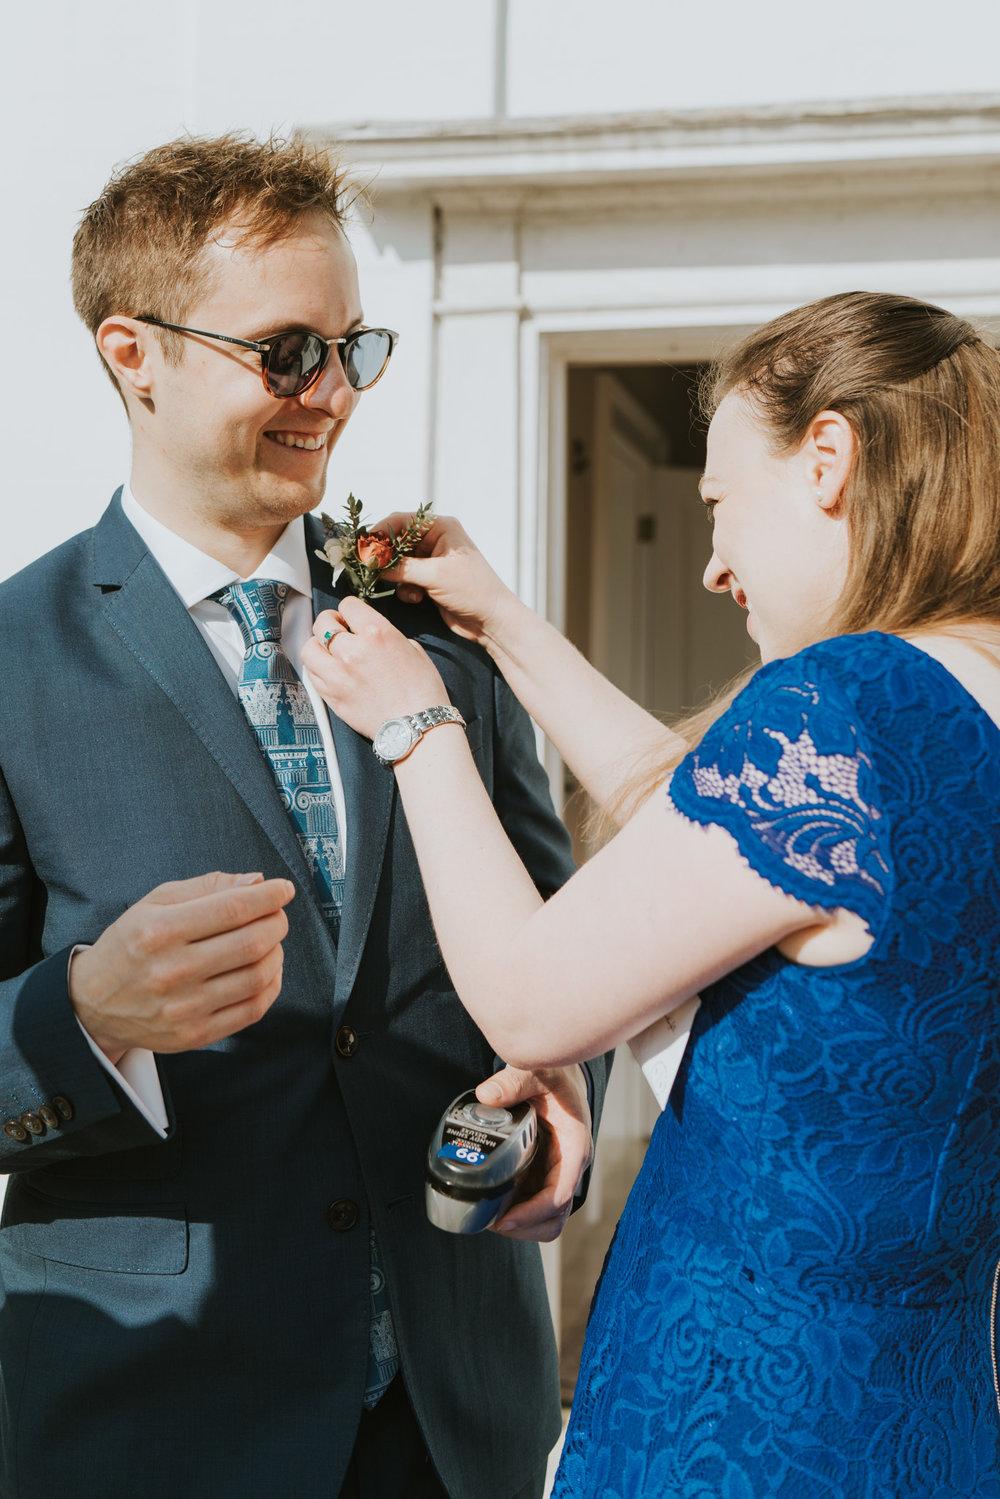 Will-Rhiannon-Art-Deco-Alterative-Essex-Wedding-Suffolk-Grace-Elizabeth-16.jpg